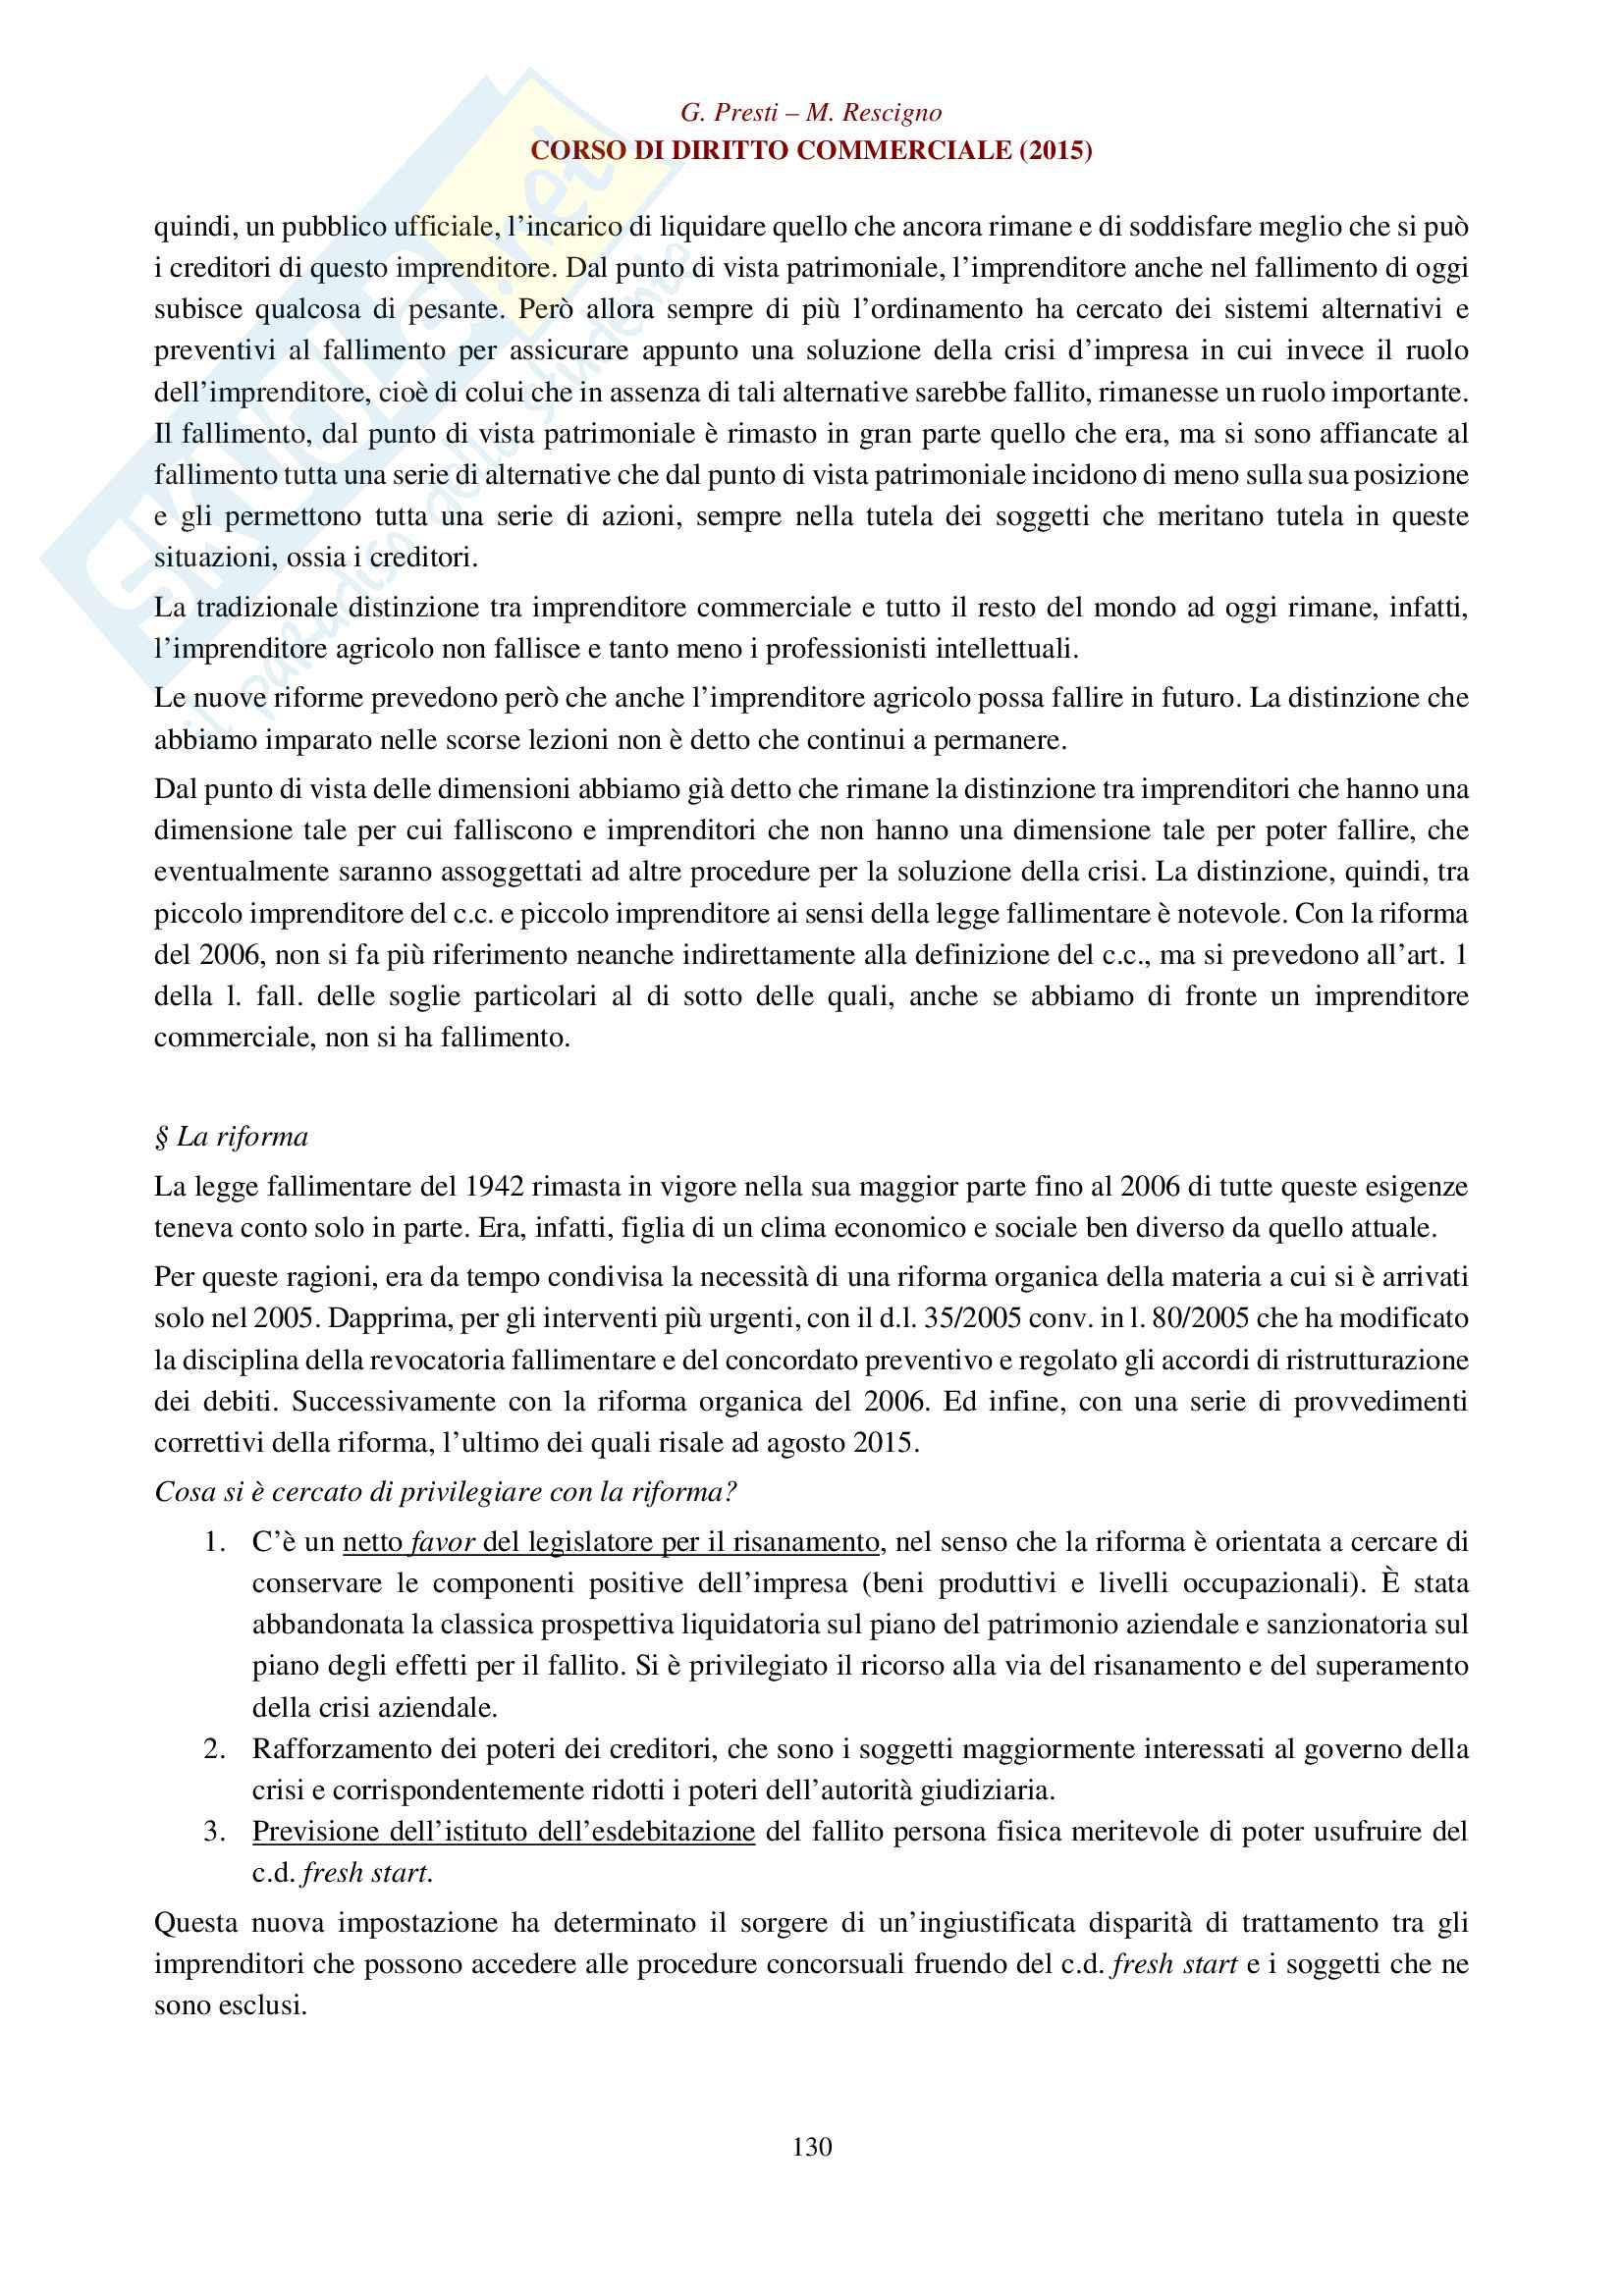 Appunti per esame di diritto commerciale La legge fallimentare Pag. 2